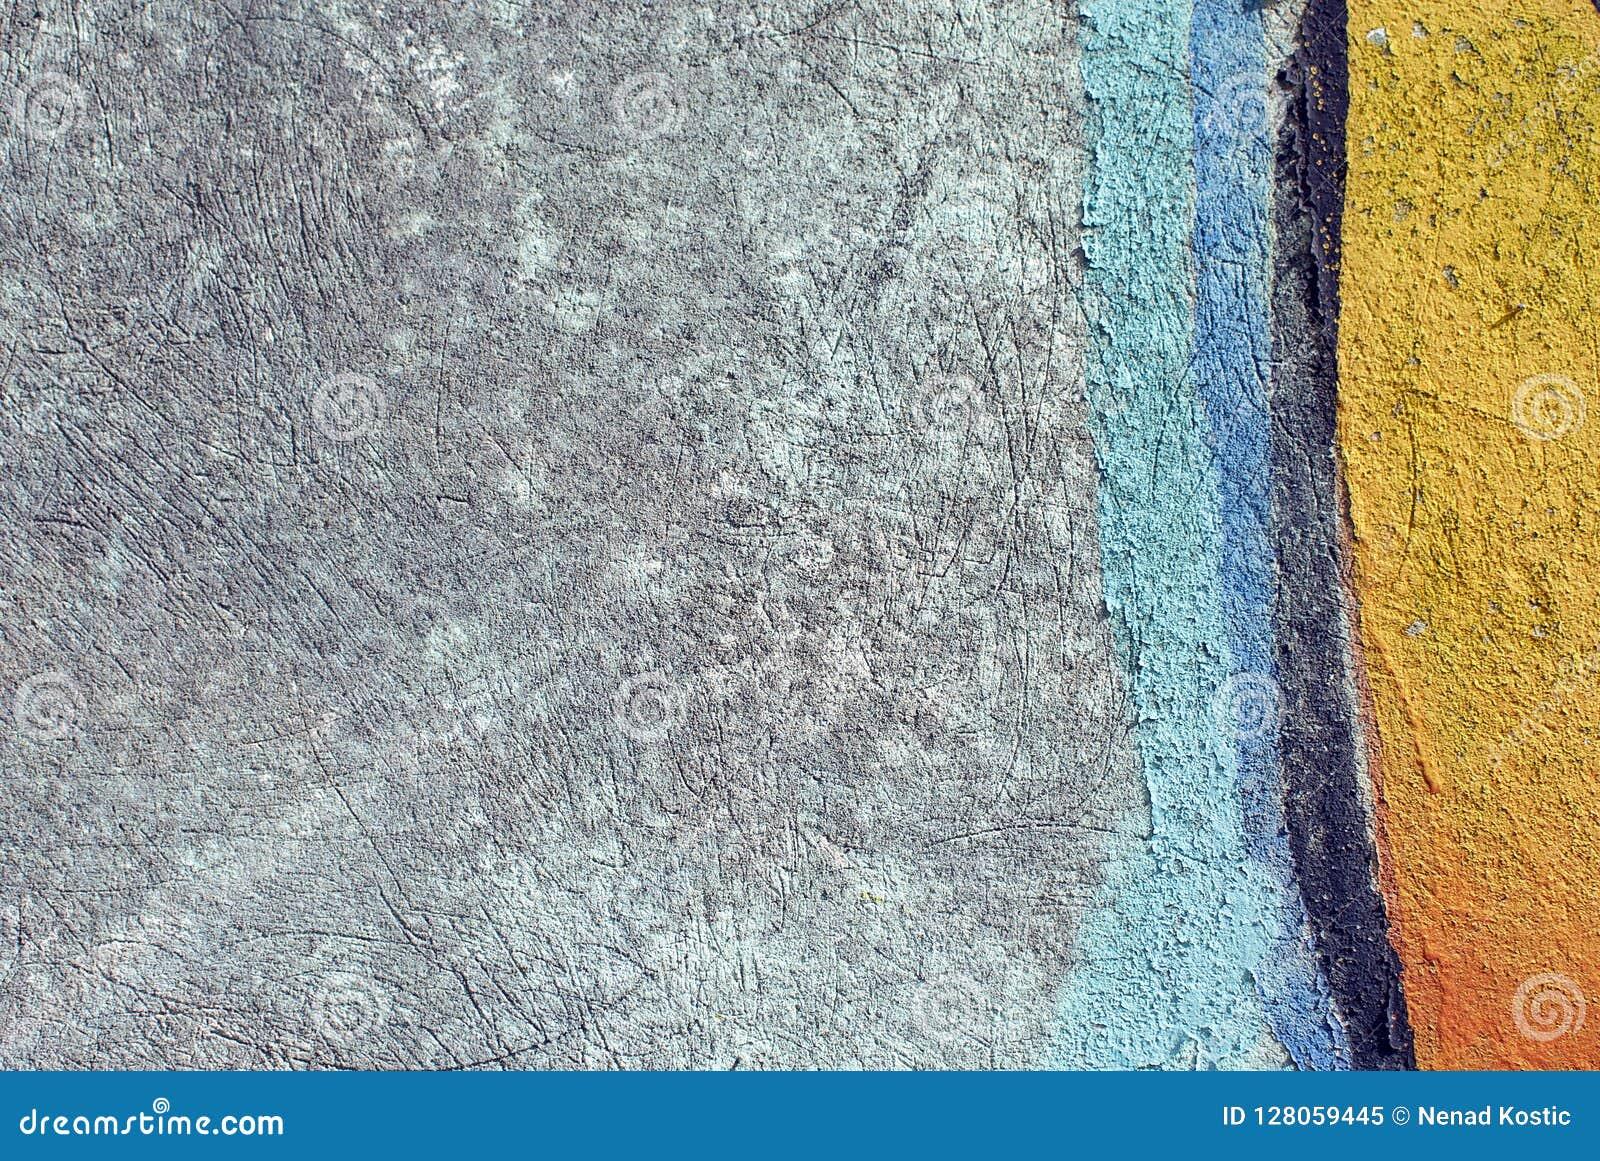 Закройте вверх по текстуре стены гипсолита для предпосылок и интересных текстур